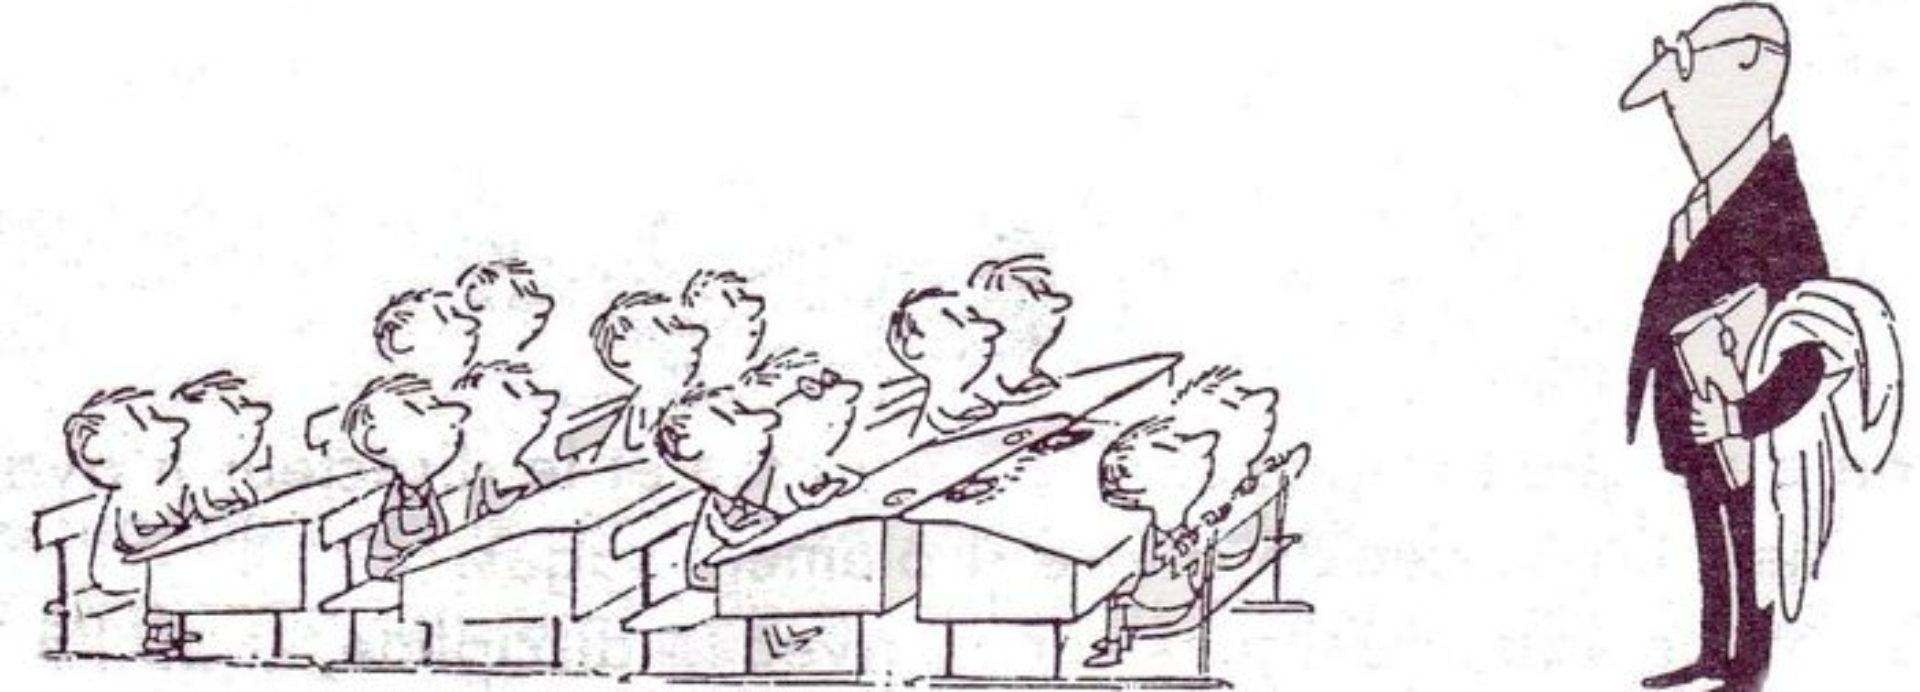 La classe d'histoire-géographie...